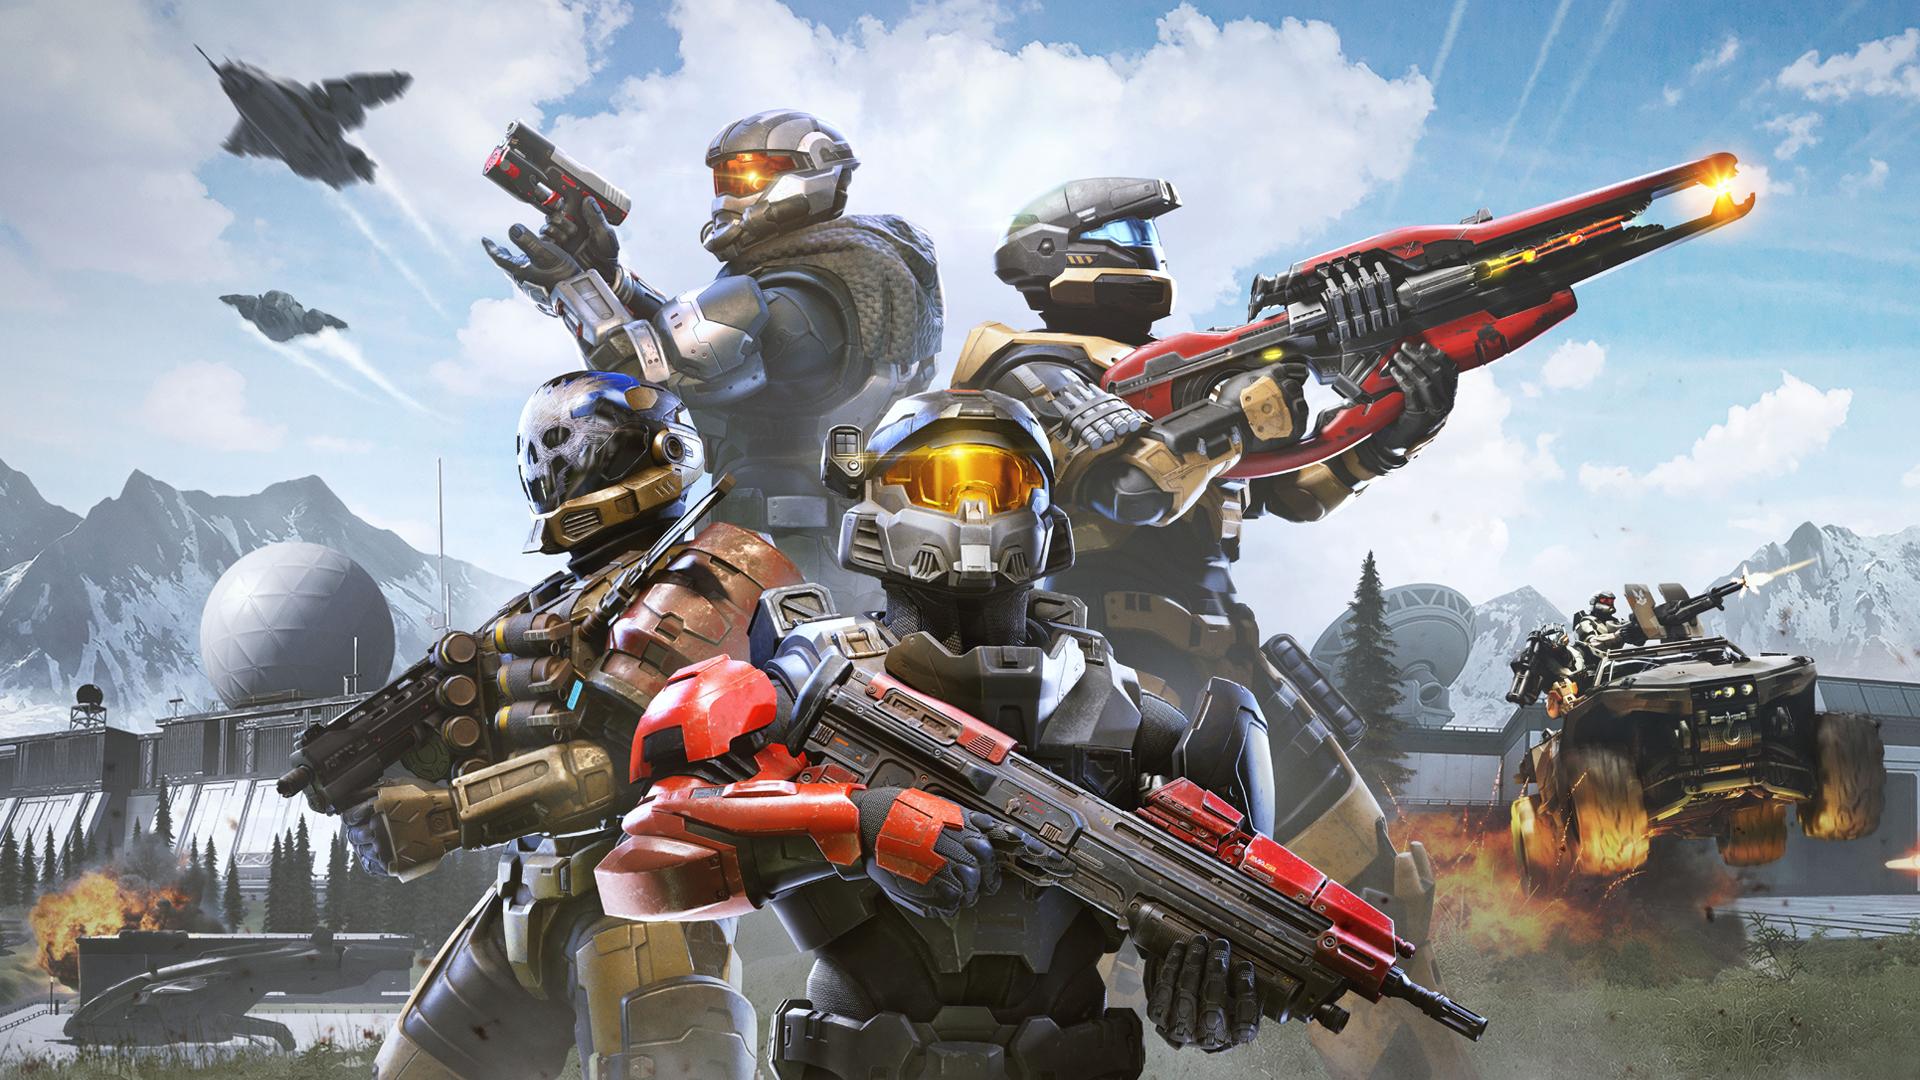 Dr Disrespect hint tijdens stream naar Halo Infinite Battle Royale